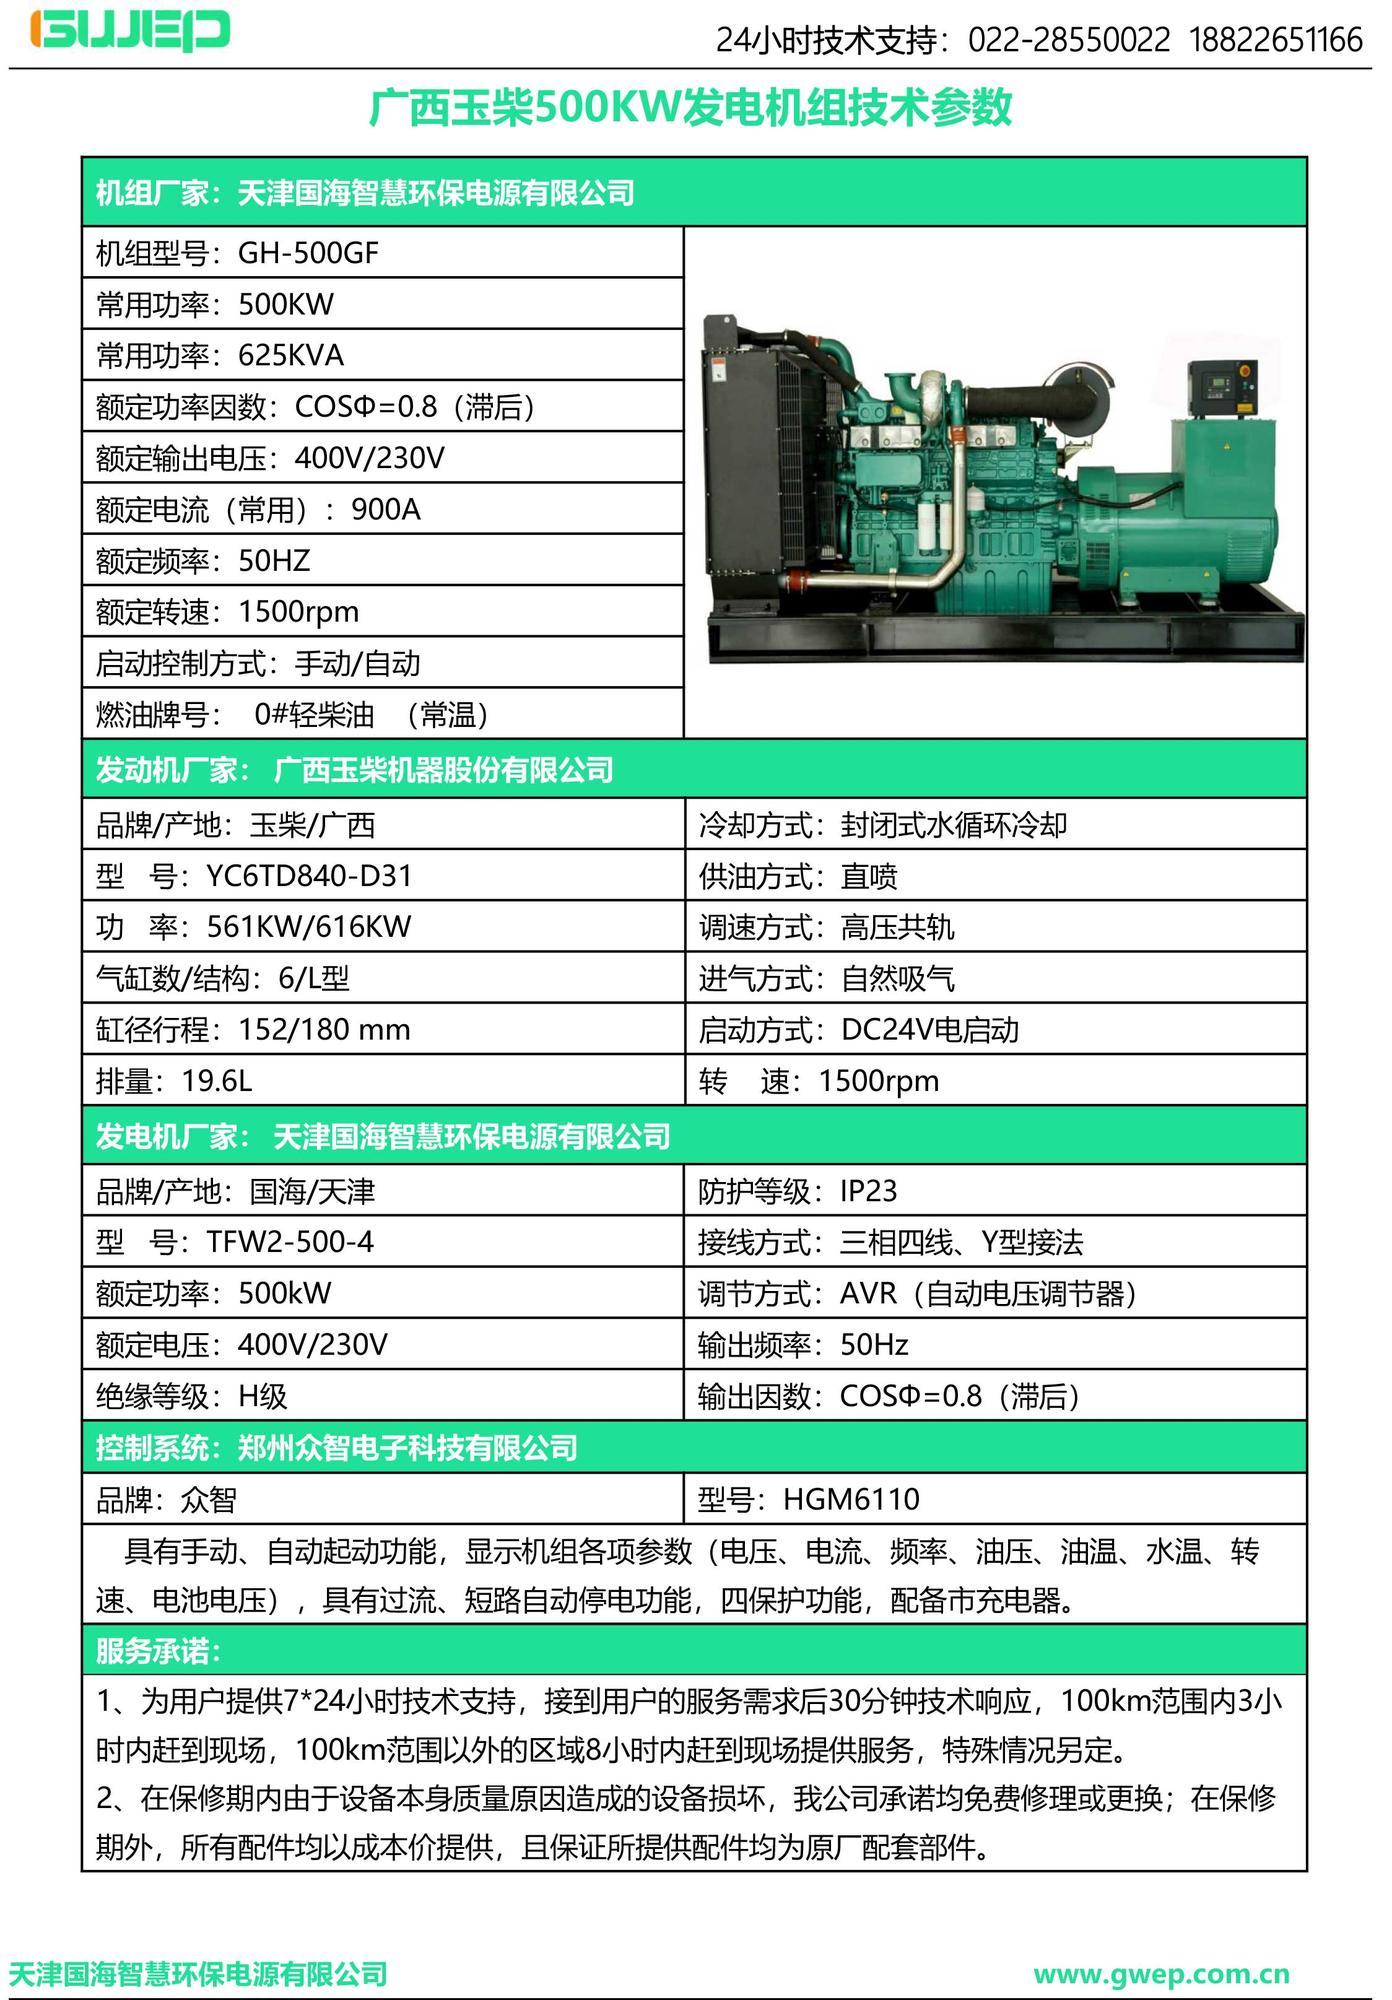 玉柴500KW发电机组技术资料-2.jpg